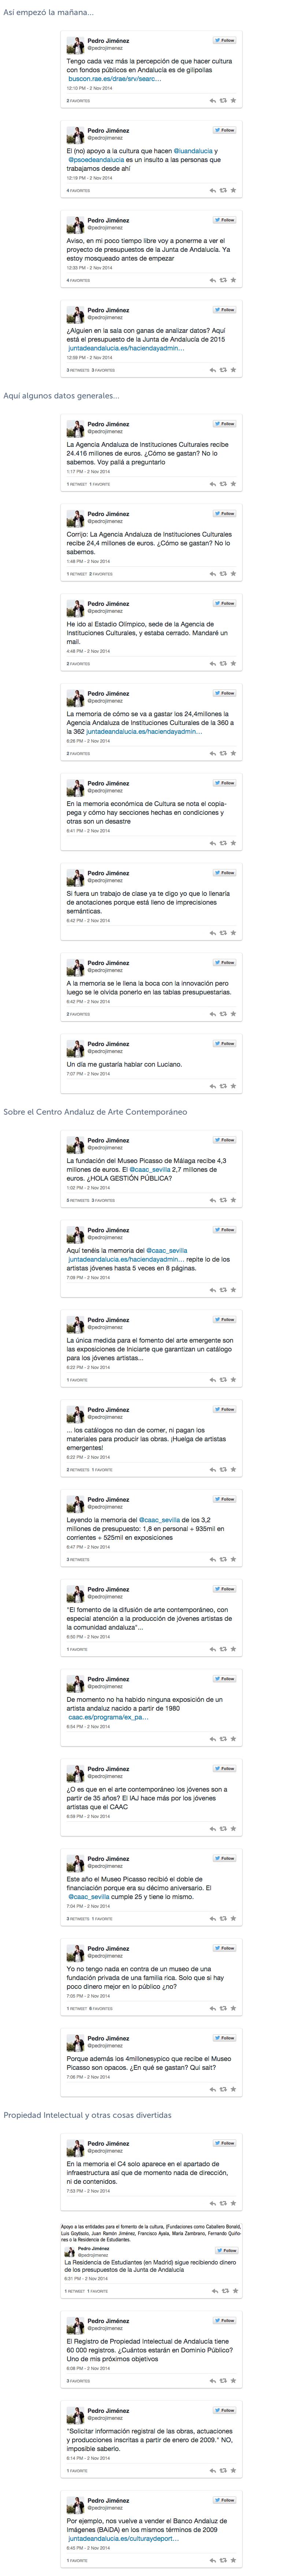 Presupuestos de Cultura de la Junta de Andalucía  with images  tweets  · pedrojimalvarez · Storify